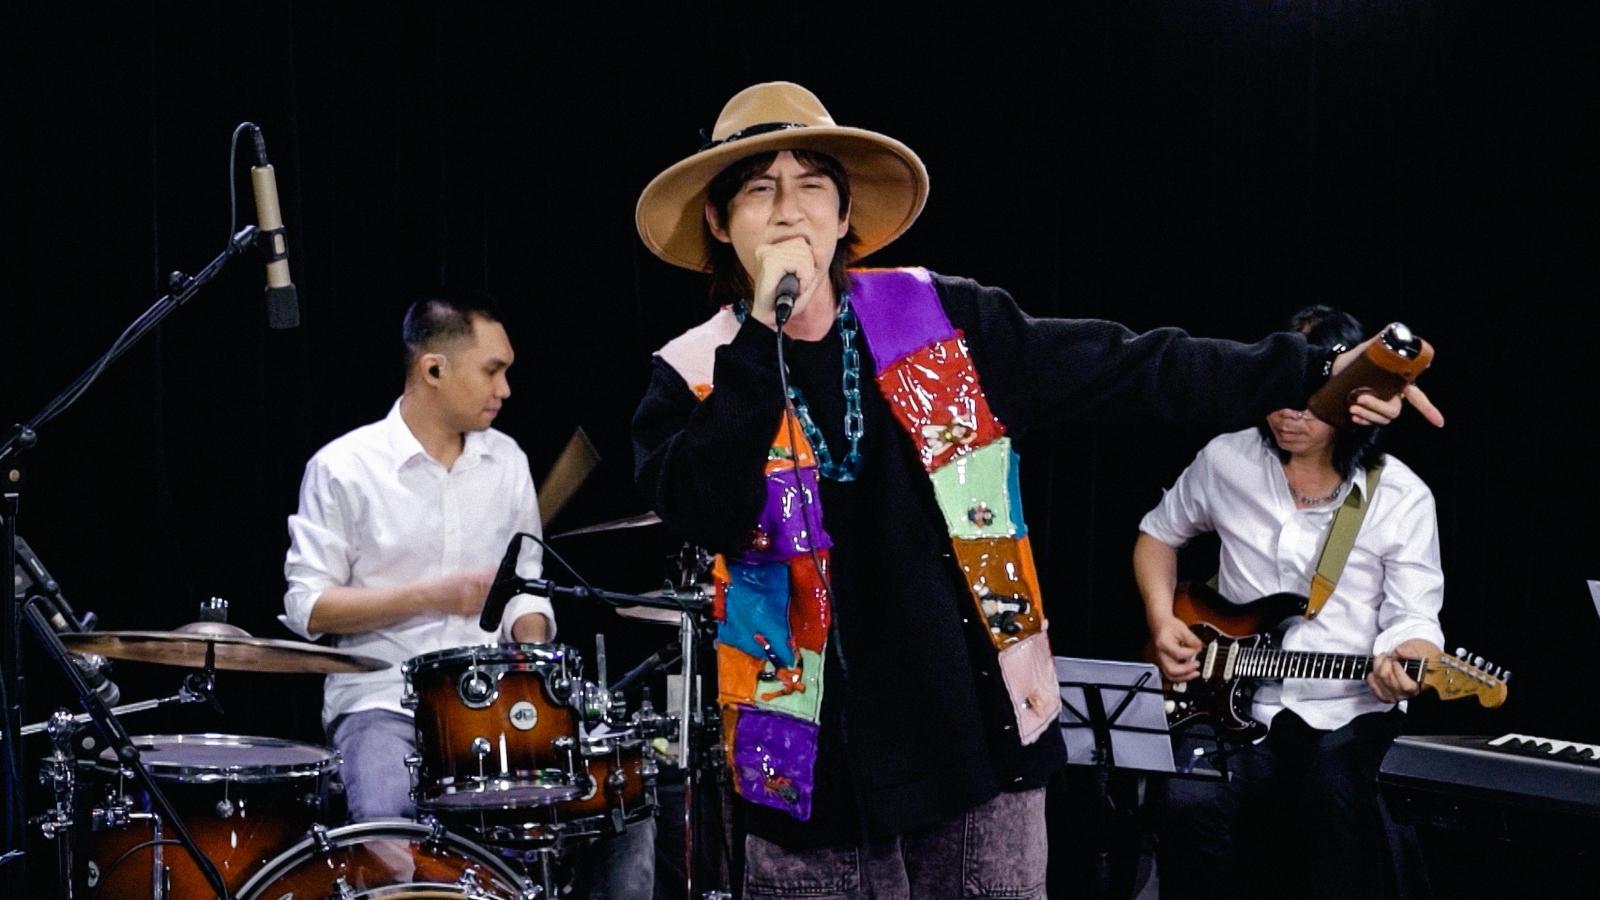 VP Bá Vương kể lại kỷ niệm đầu tiên ở Sài Gòn, khoe ca khúc tự sáng tác 8 năm trước